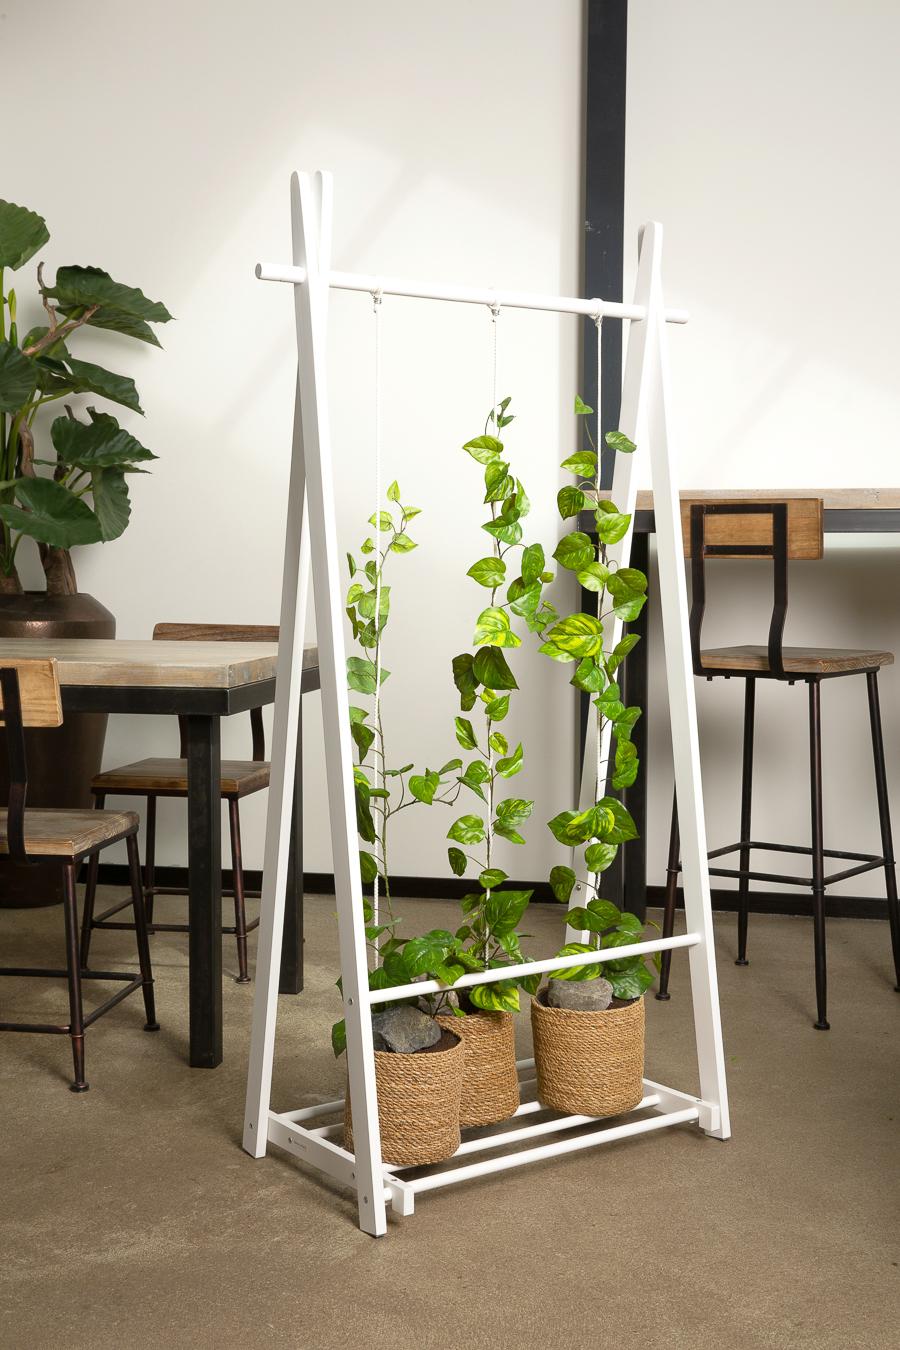 Raumteiler, Ansteckungsschutz, Holz, künstliche Pflanzen, Dekoration, Ranken, Raumtrenner